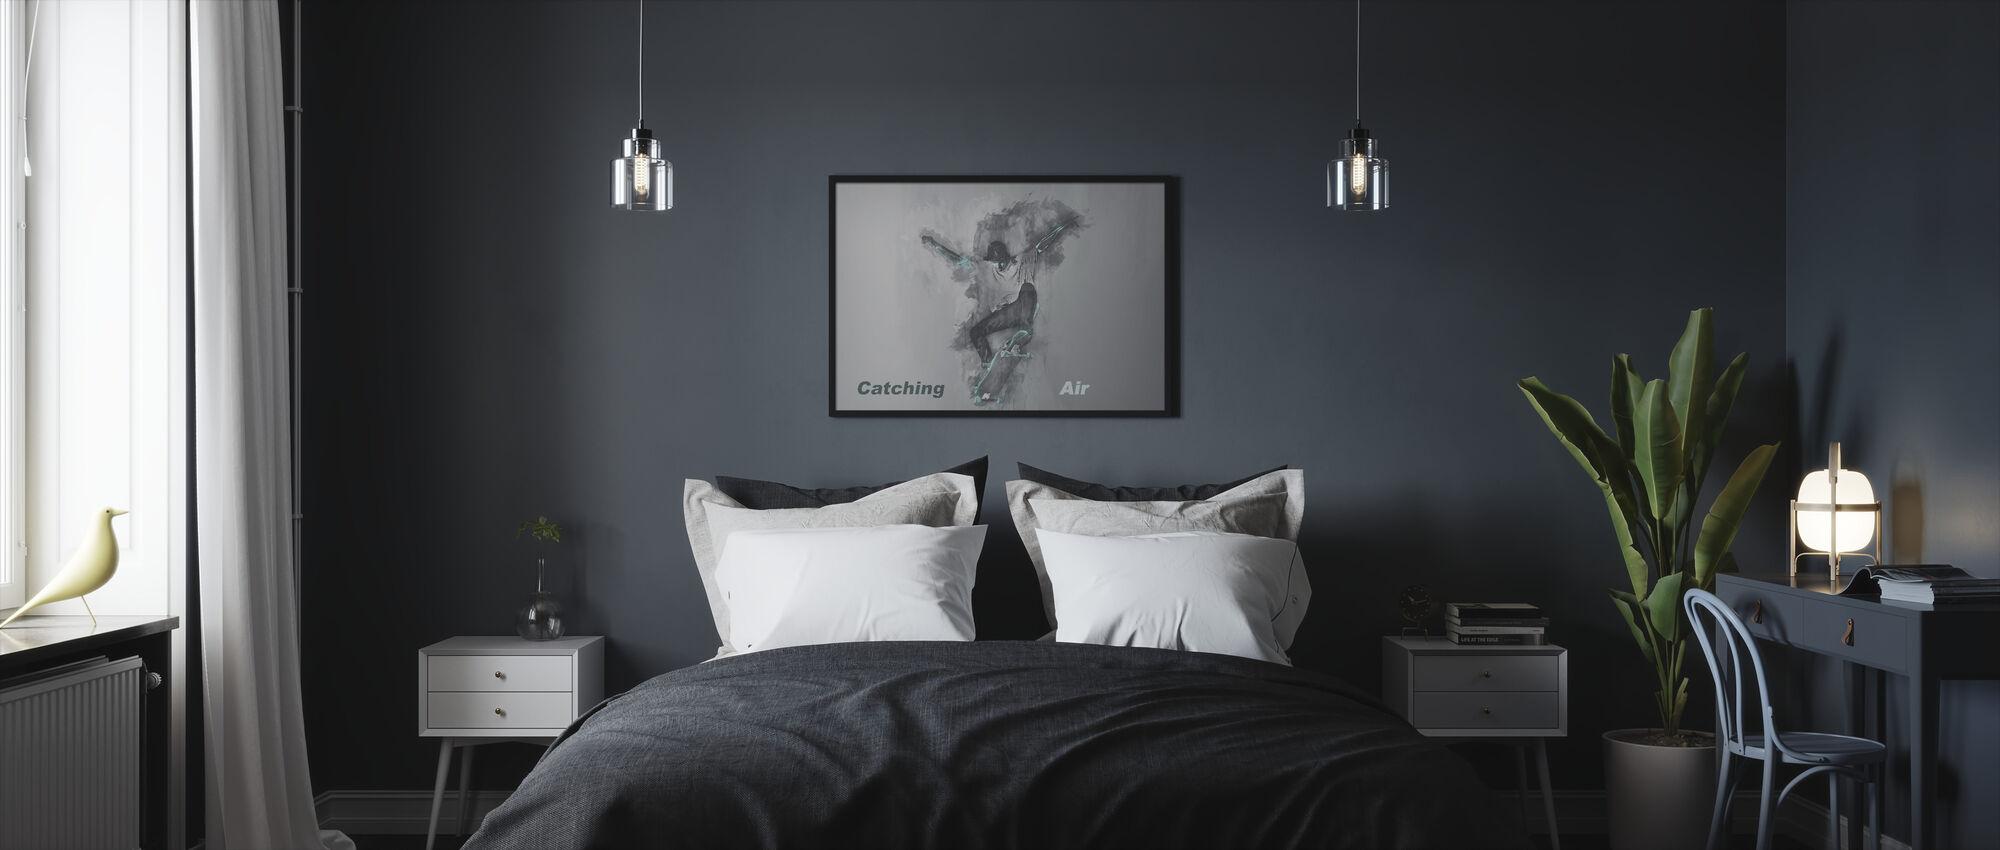 Lucht vangen - Ingelijste print - Slaapkamer